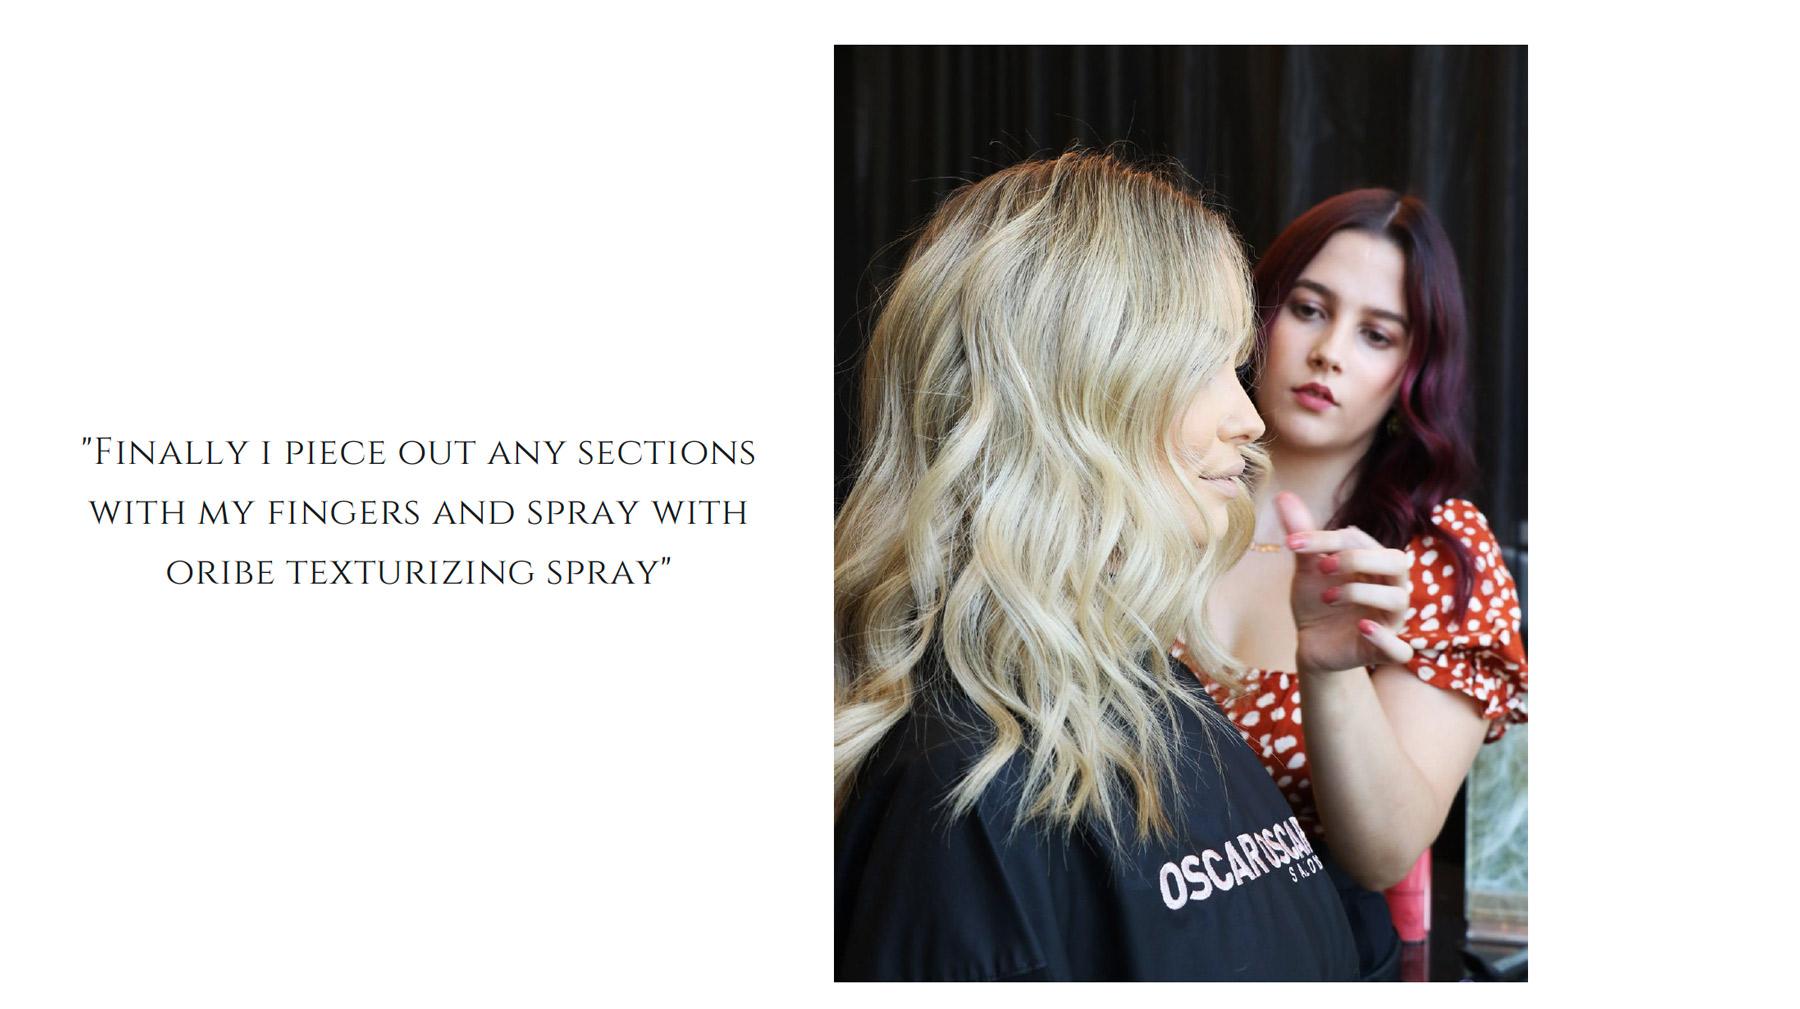 Spray with Oribe Texturizing Spray